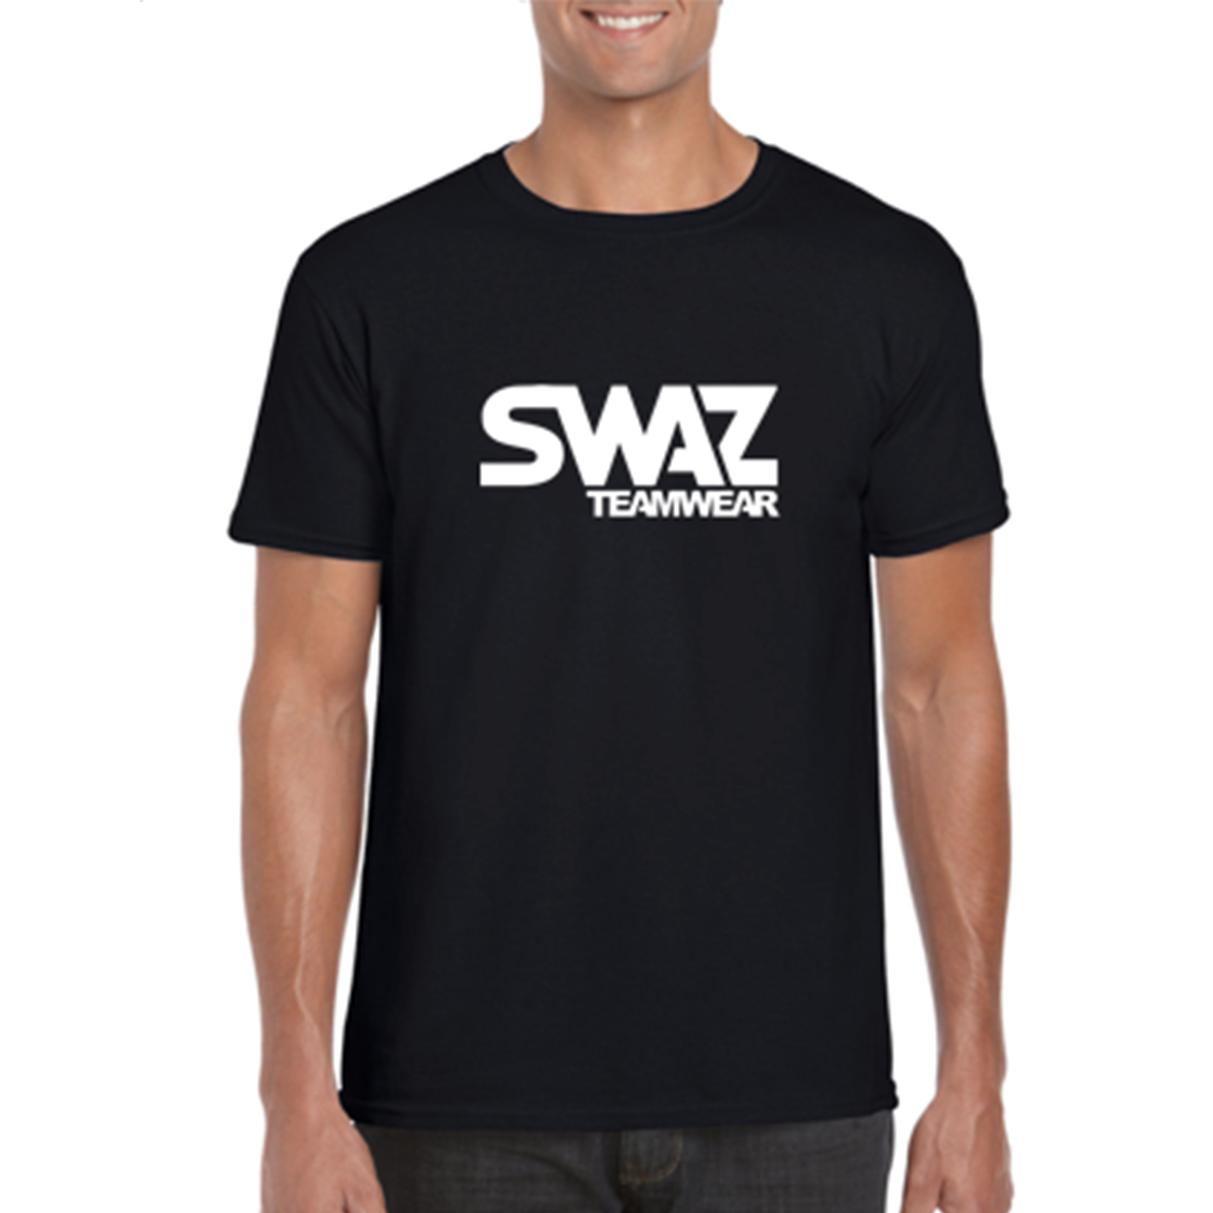 SWAZ Teamwear Black Classic T-Shirt